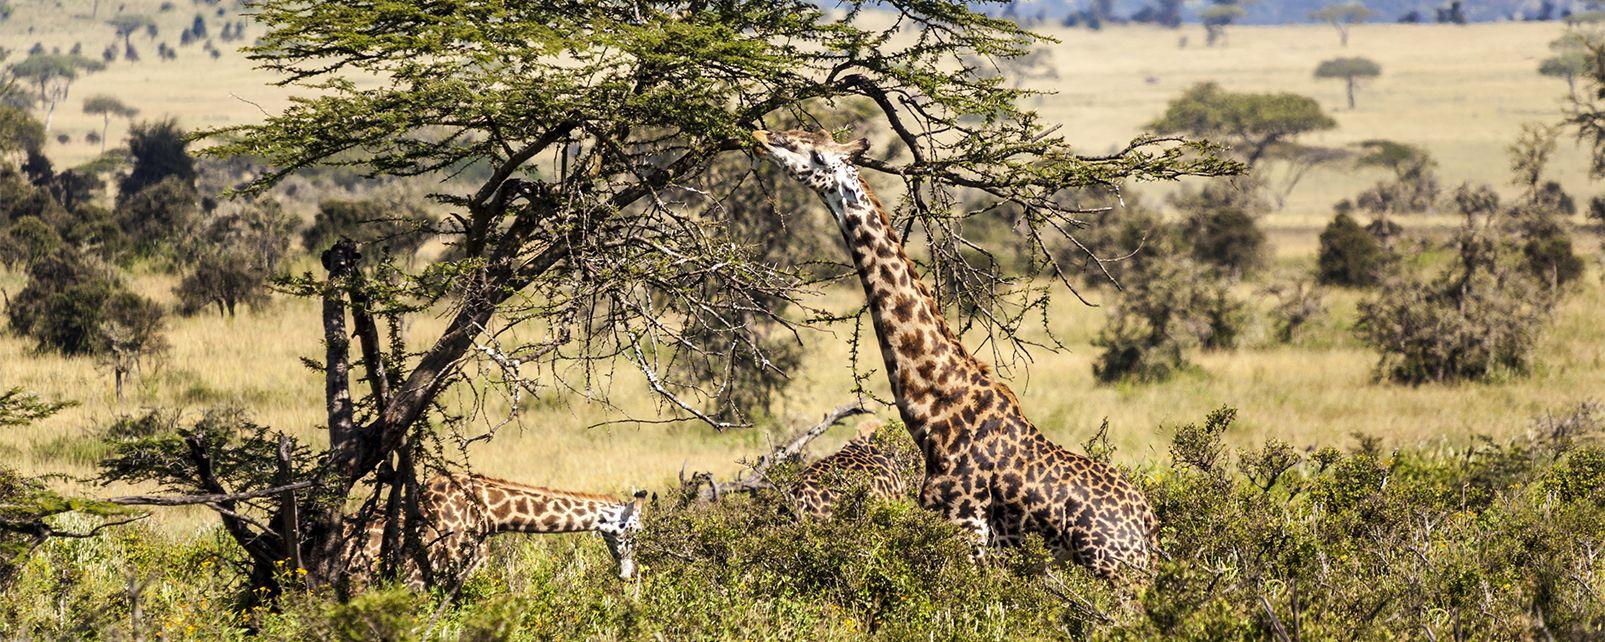 La faune et la flore, Mali afrique parc réserve baoulé savane faune mammifère animal girafe